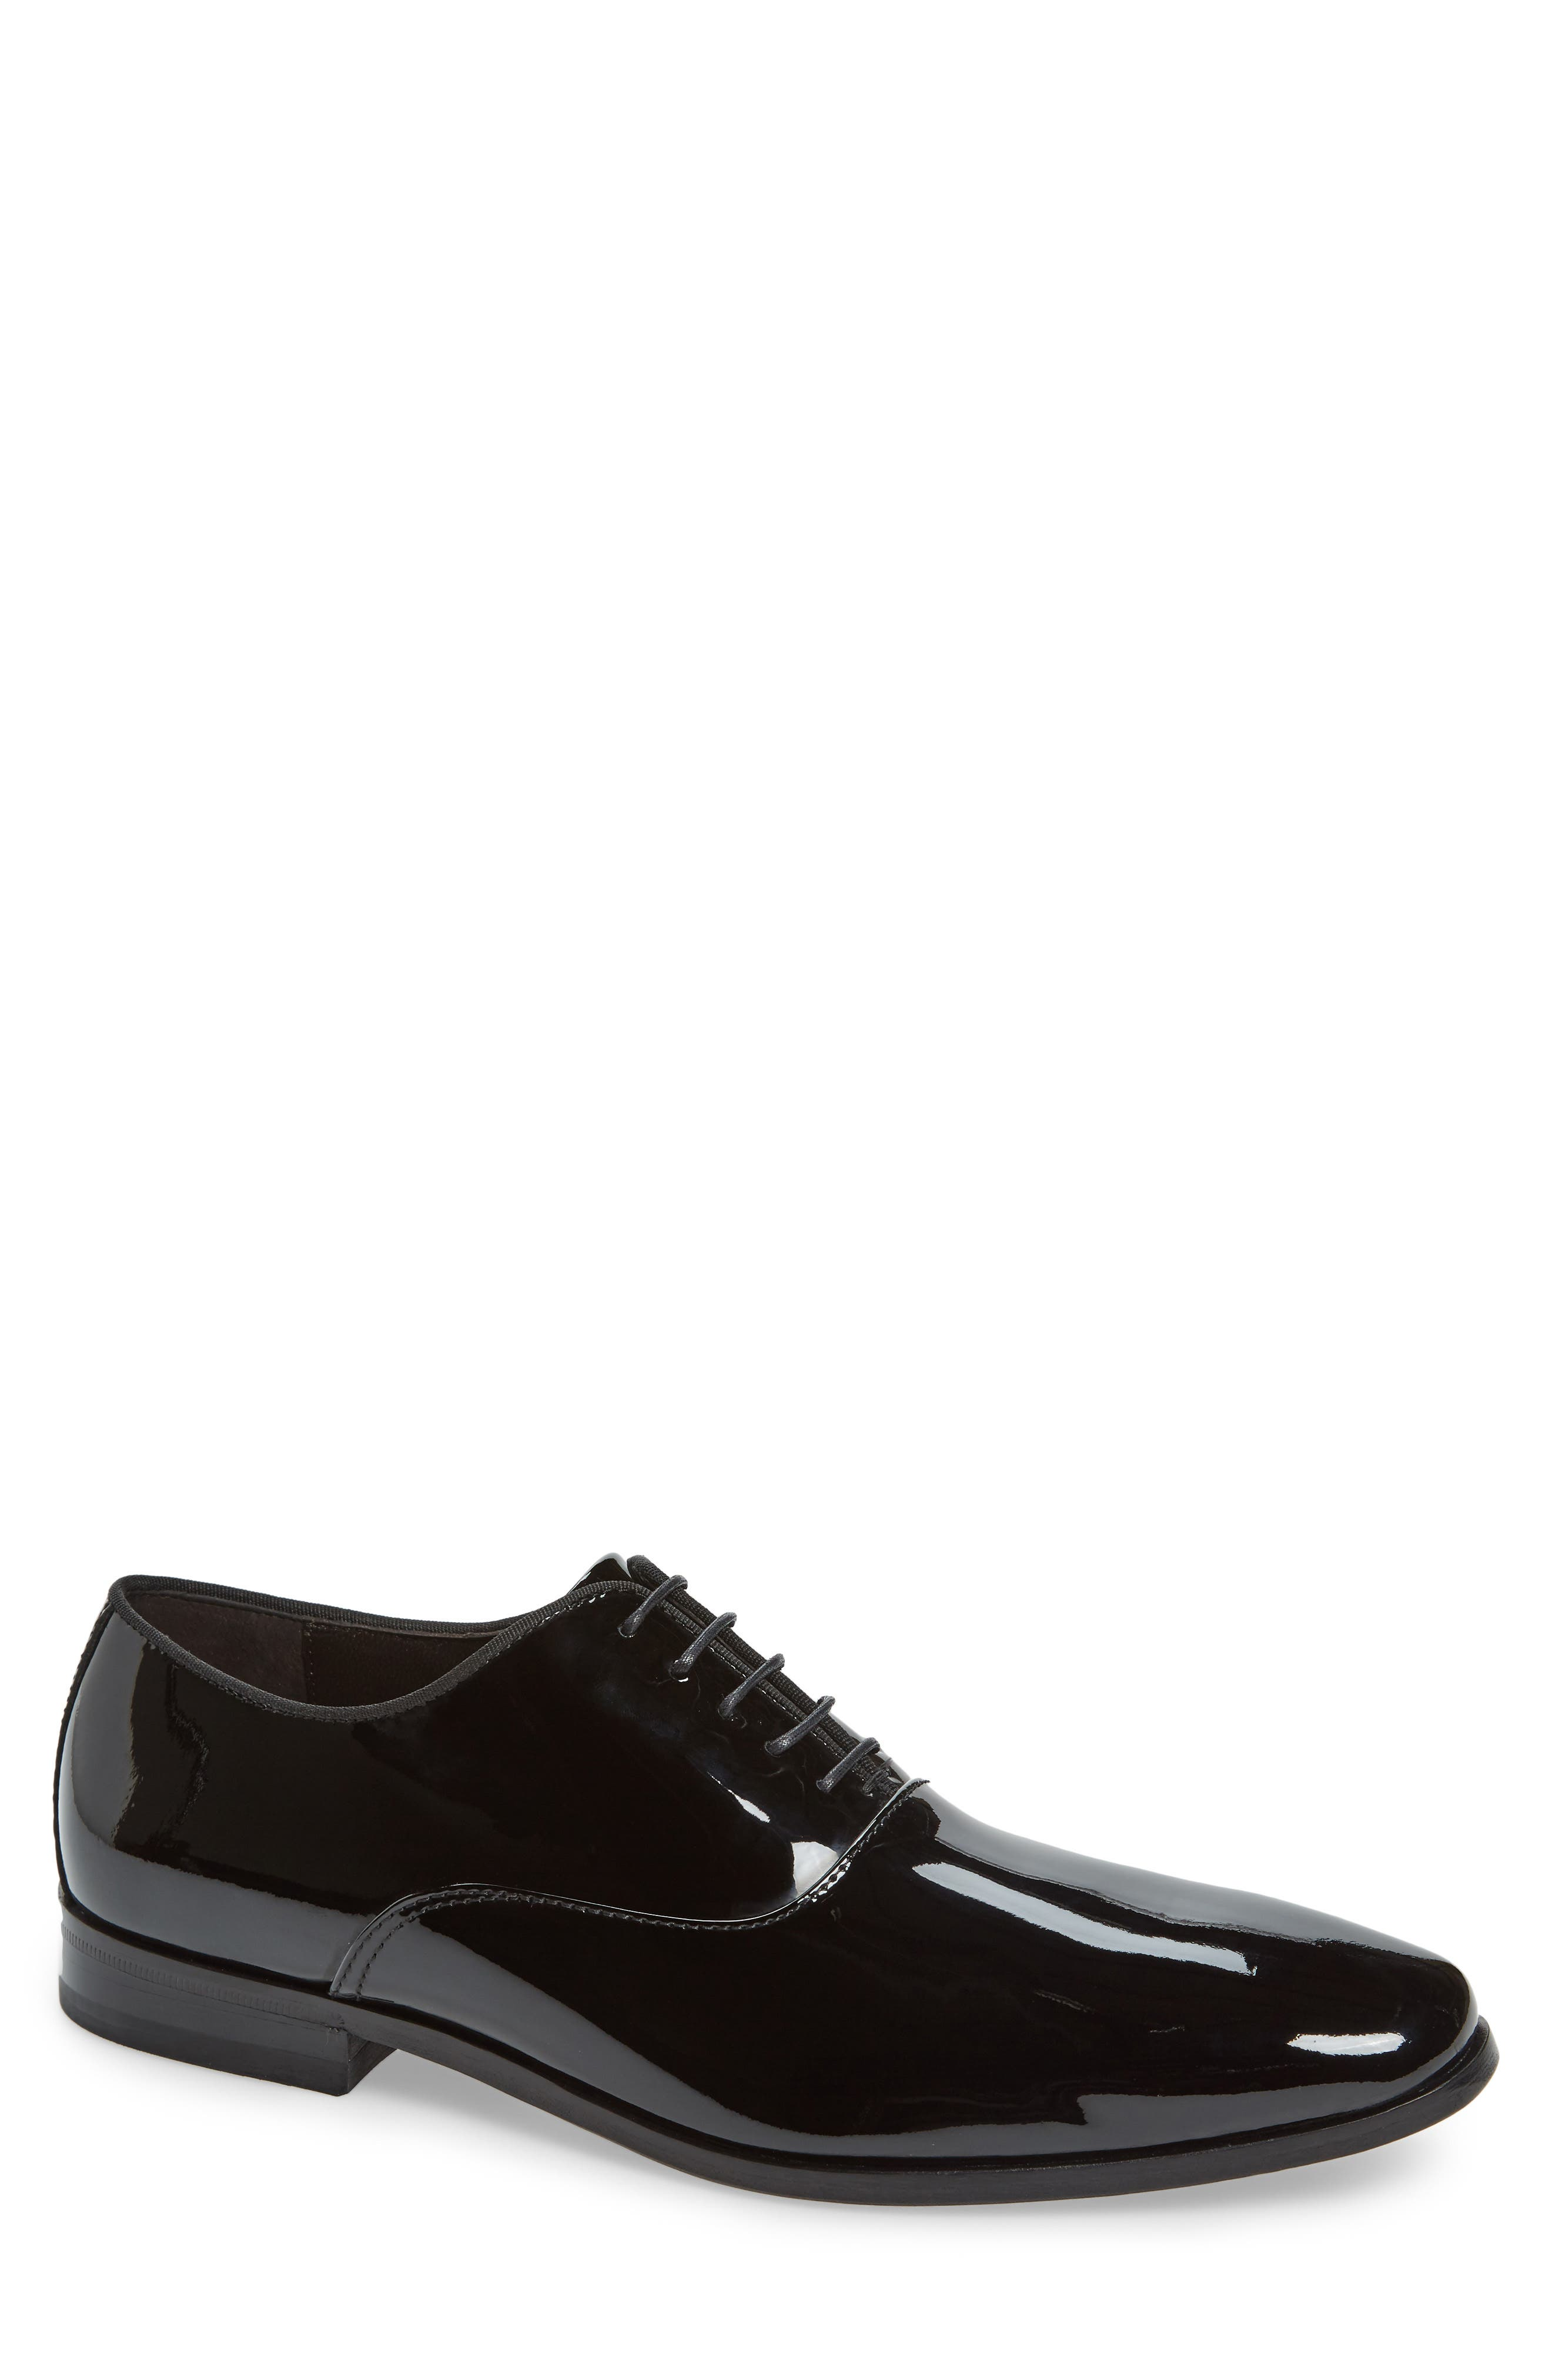 BOSS Plain Toe Oxford (Men)